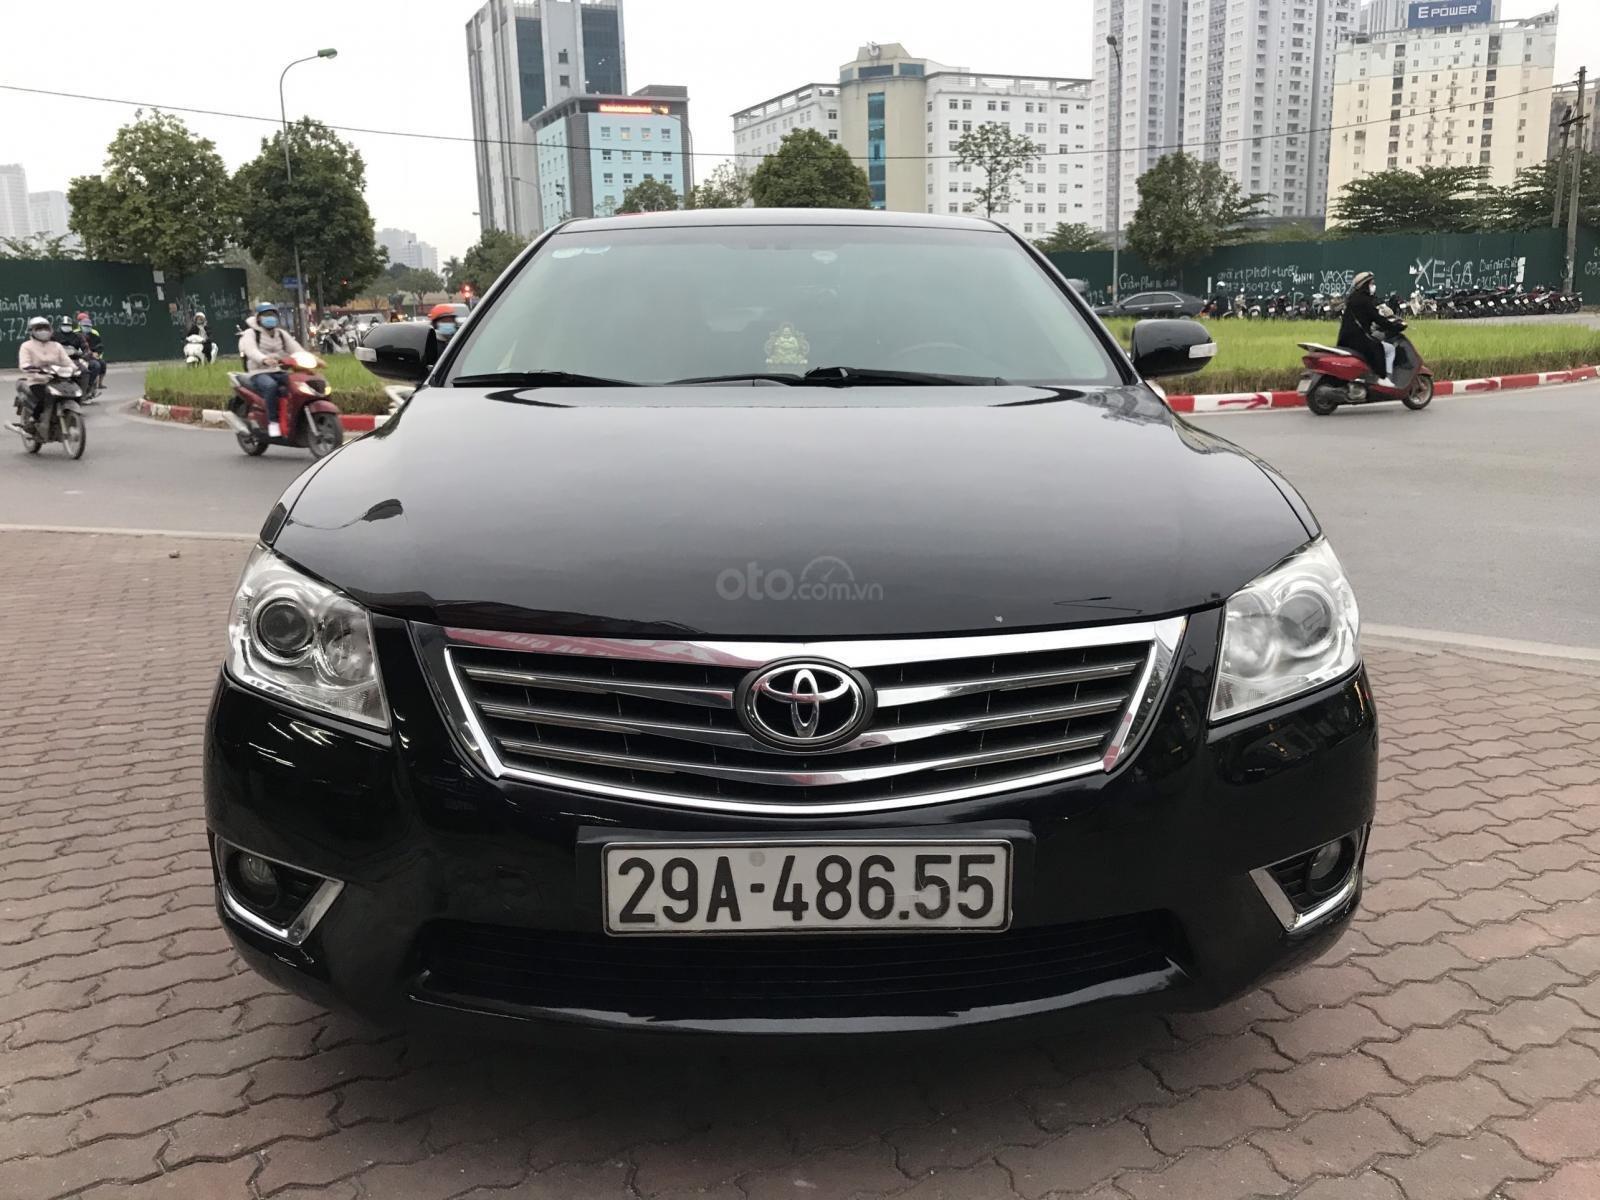 Toyota Camry 3.5 Q sản xuất năm 2011 (1)